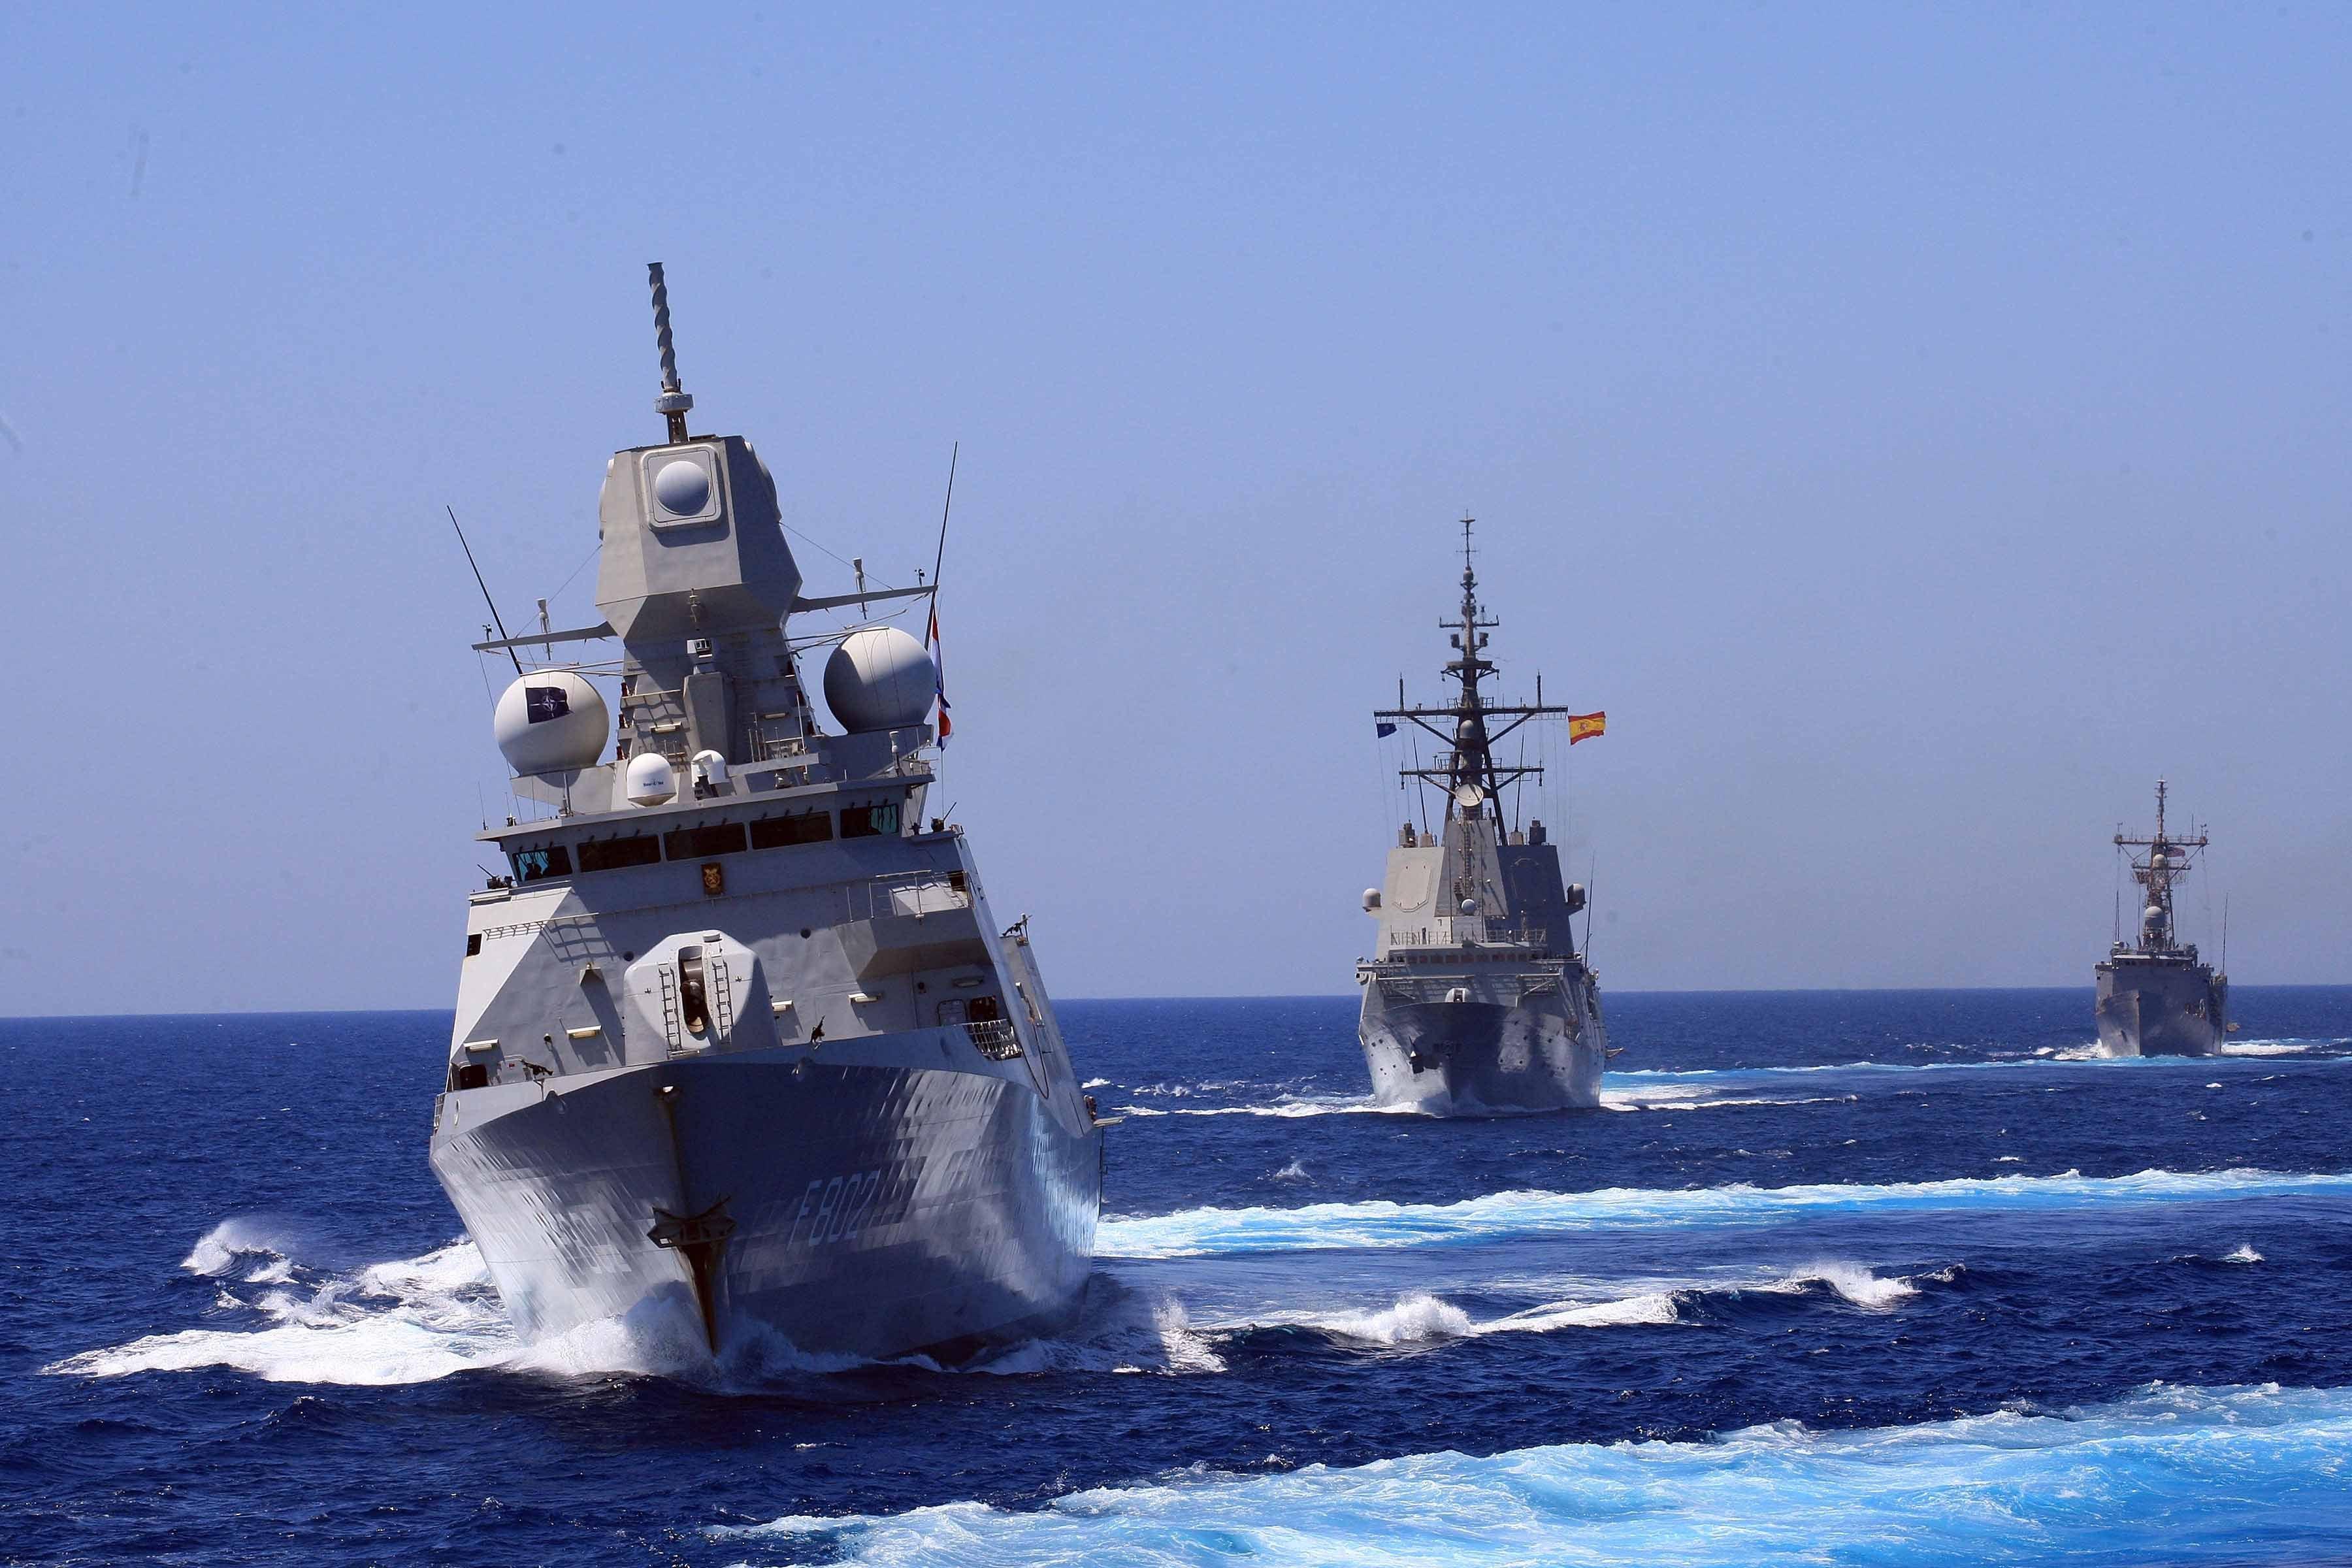 обои на рабочий стол военные корабли россии 1920х1080 № 253229 бесплатно